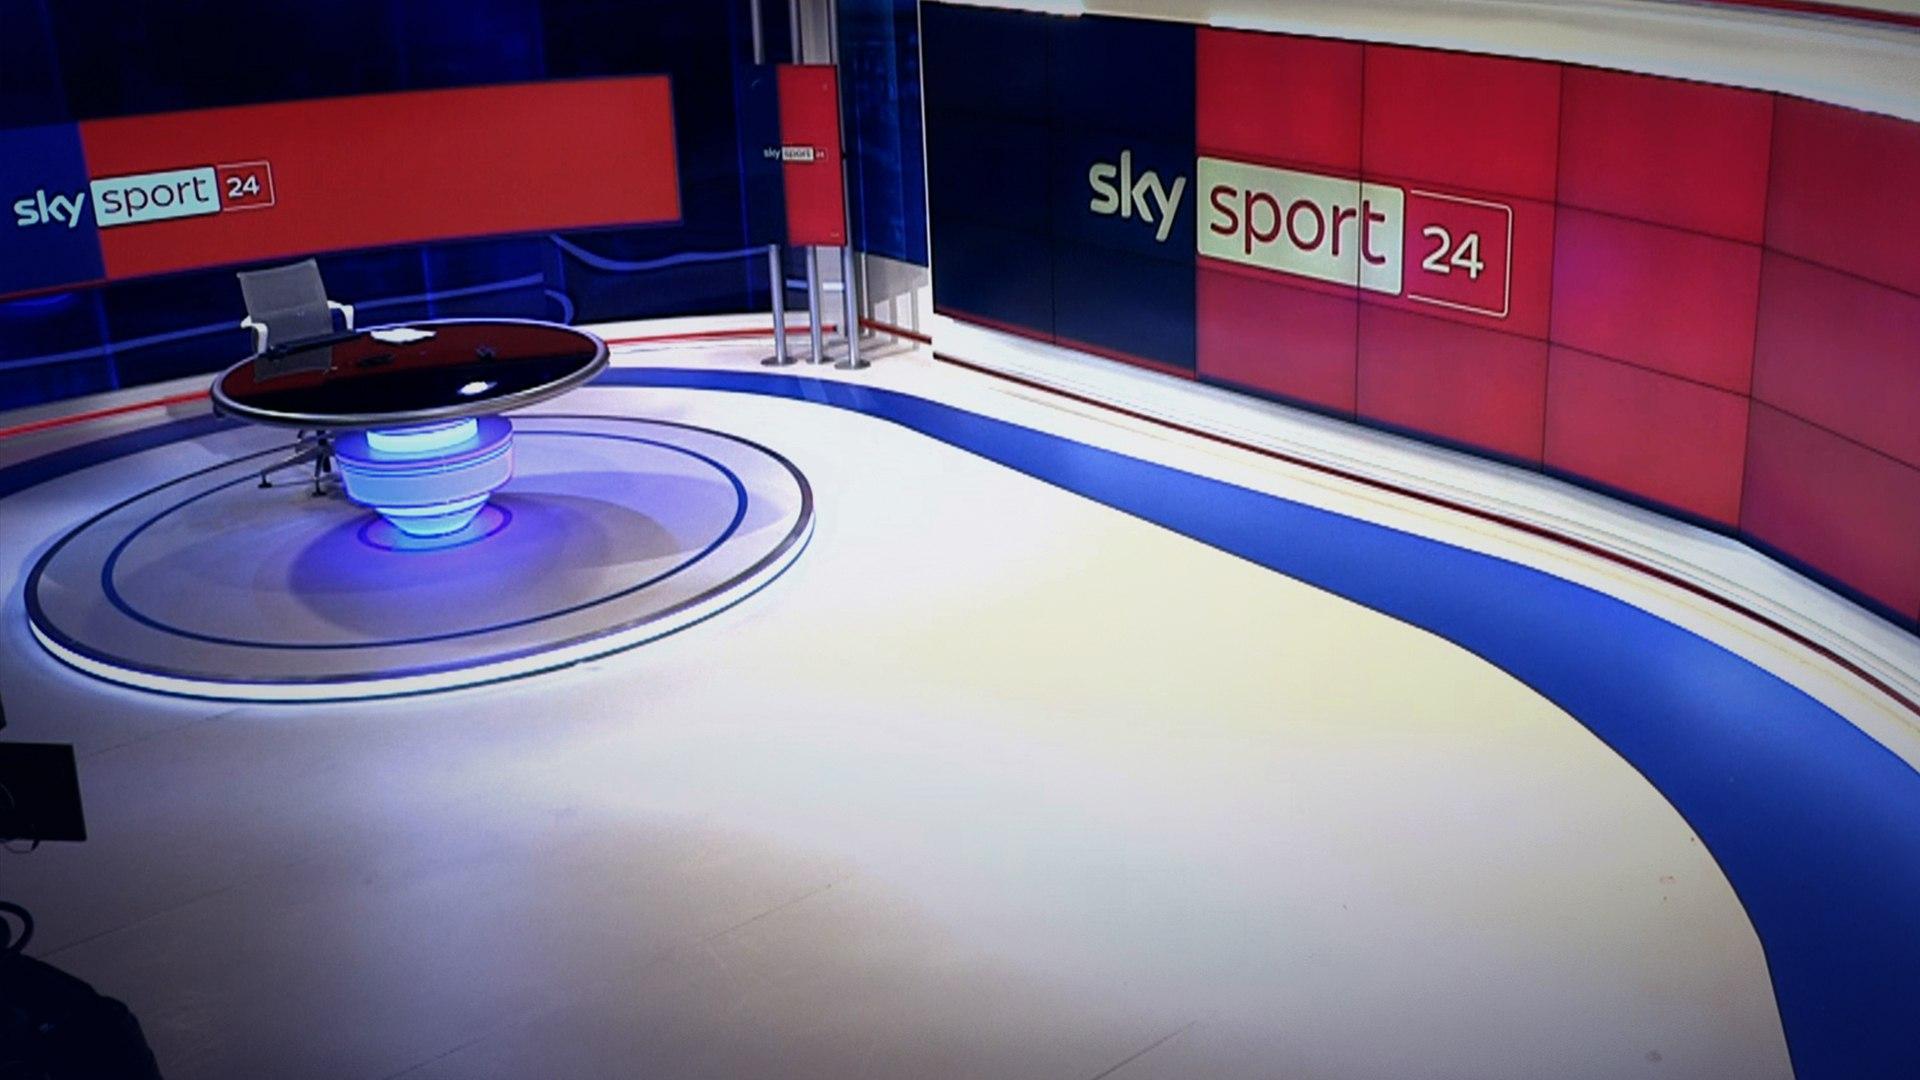 Sky Sport24 Solo News